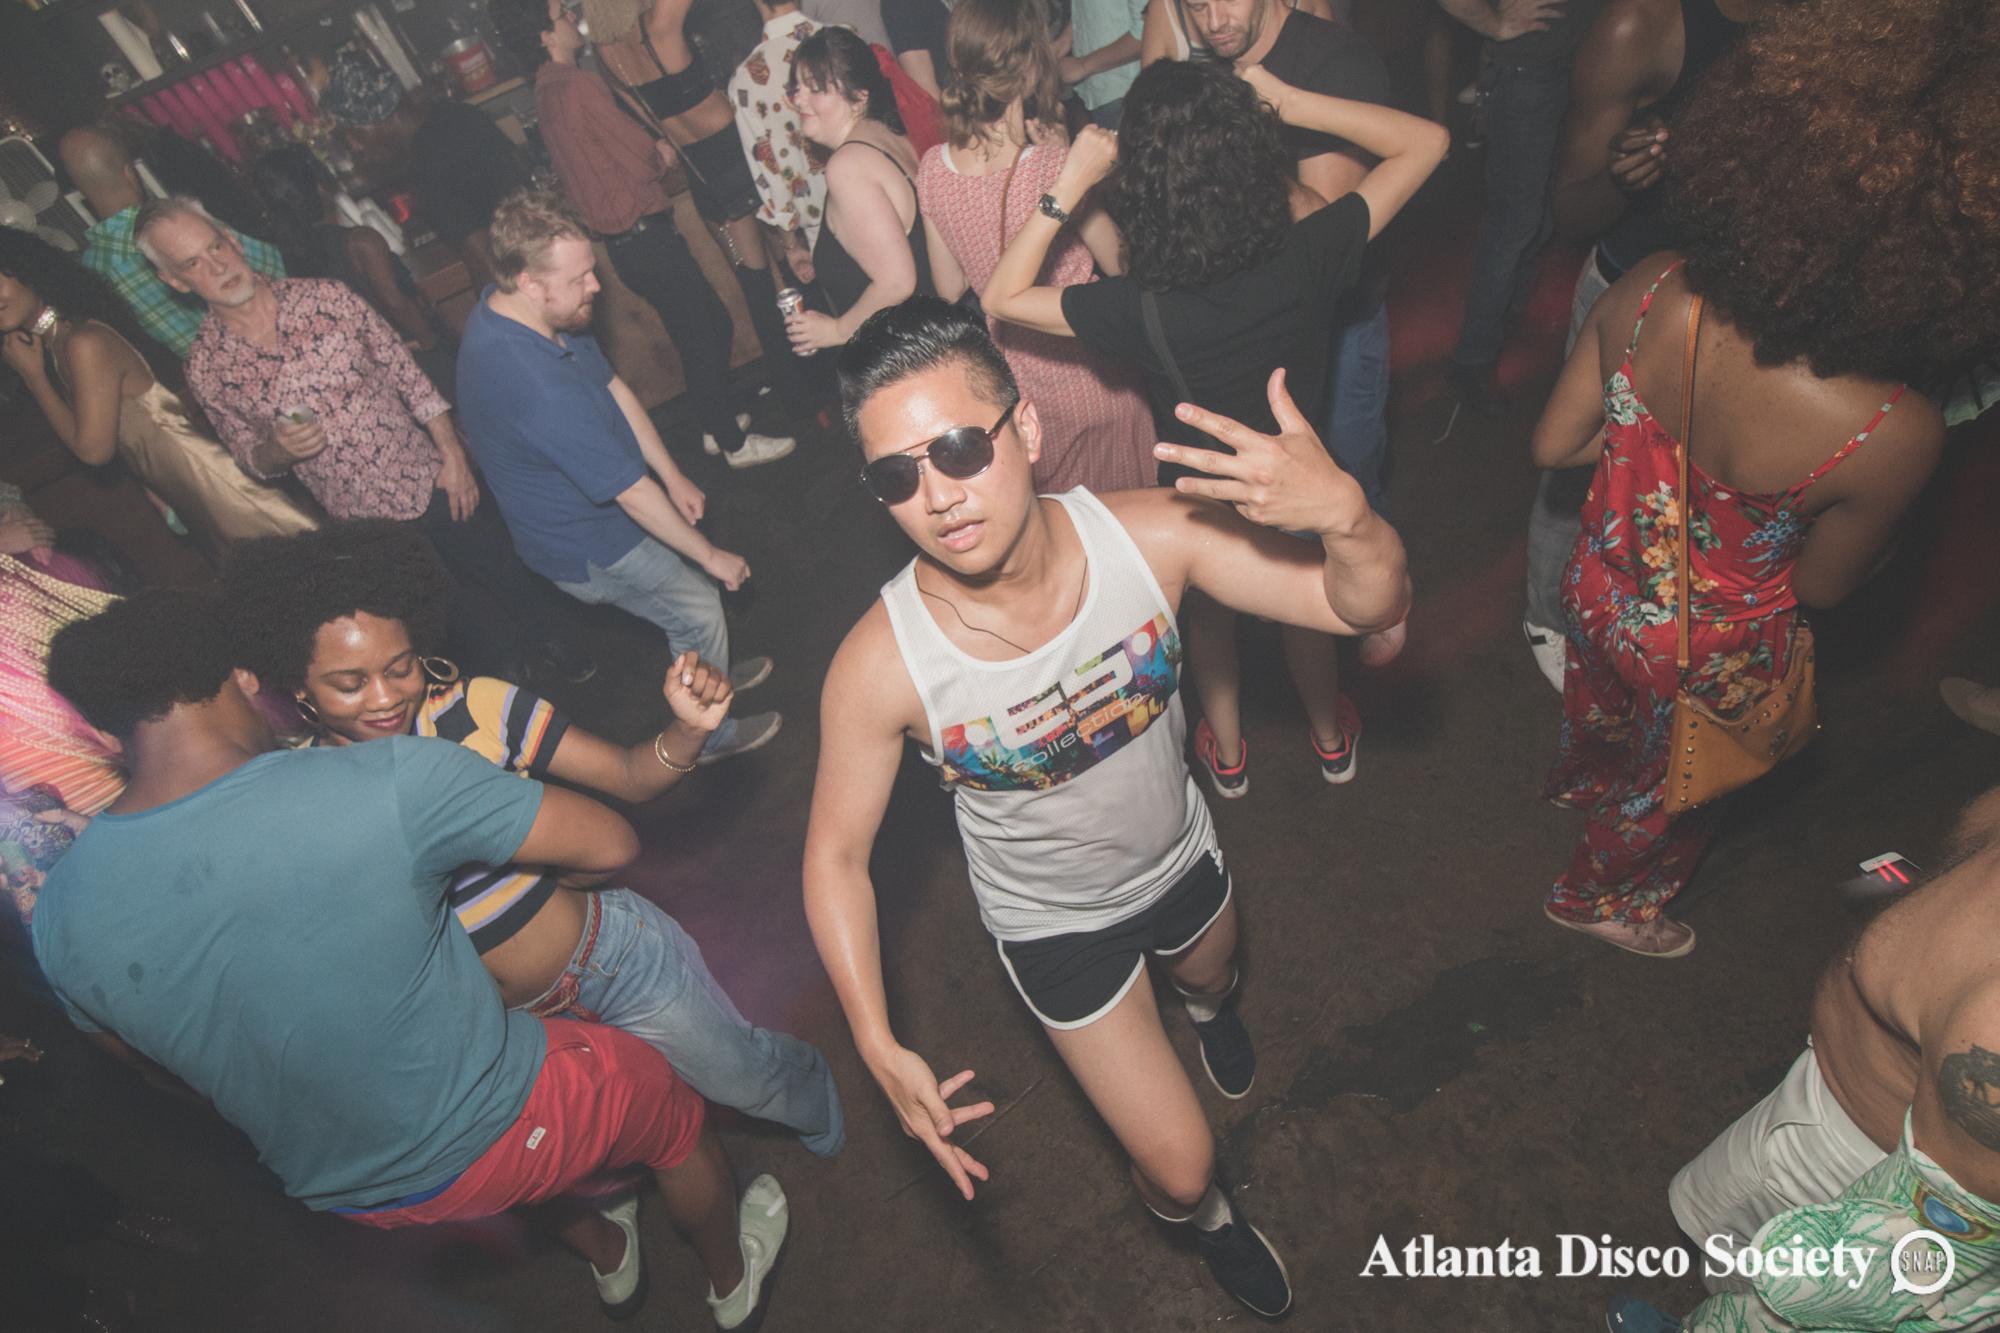 88Atlanta Disco Society Grace Kelly Oh Snap Kid 7.27.19.jpg